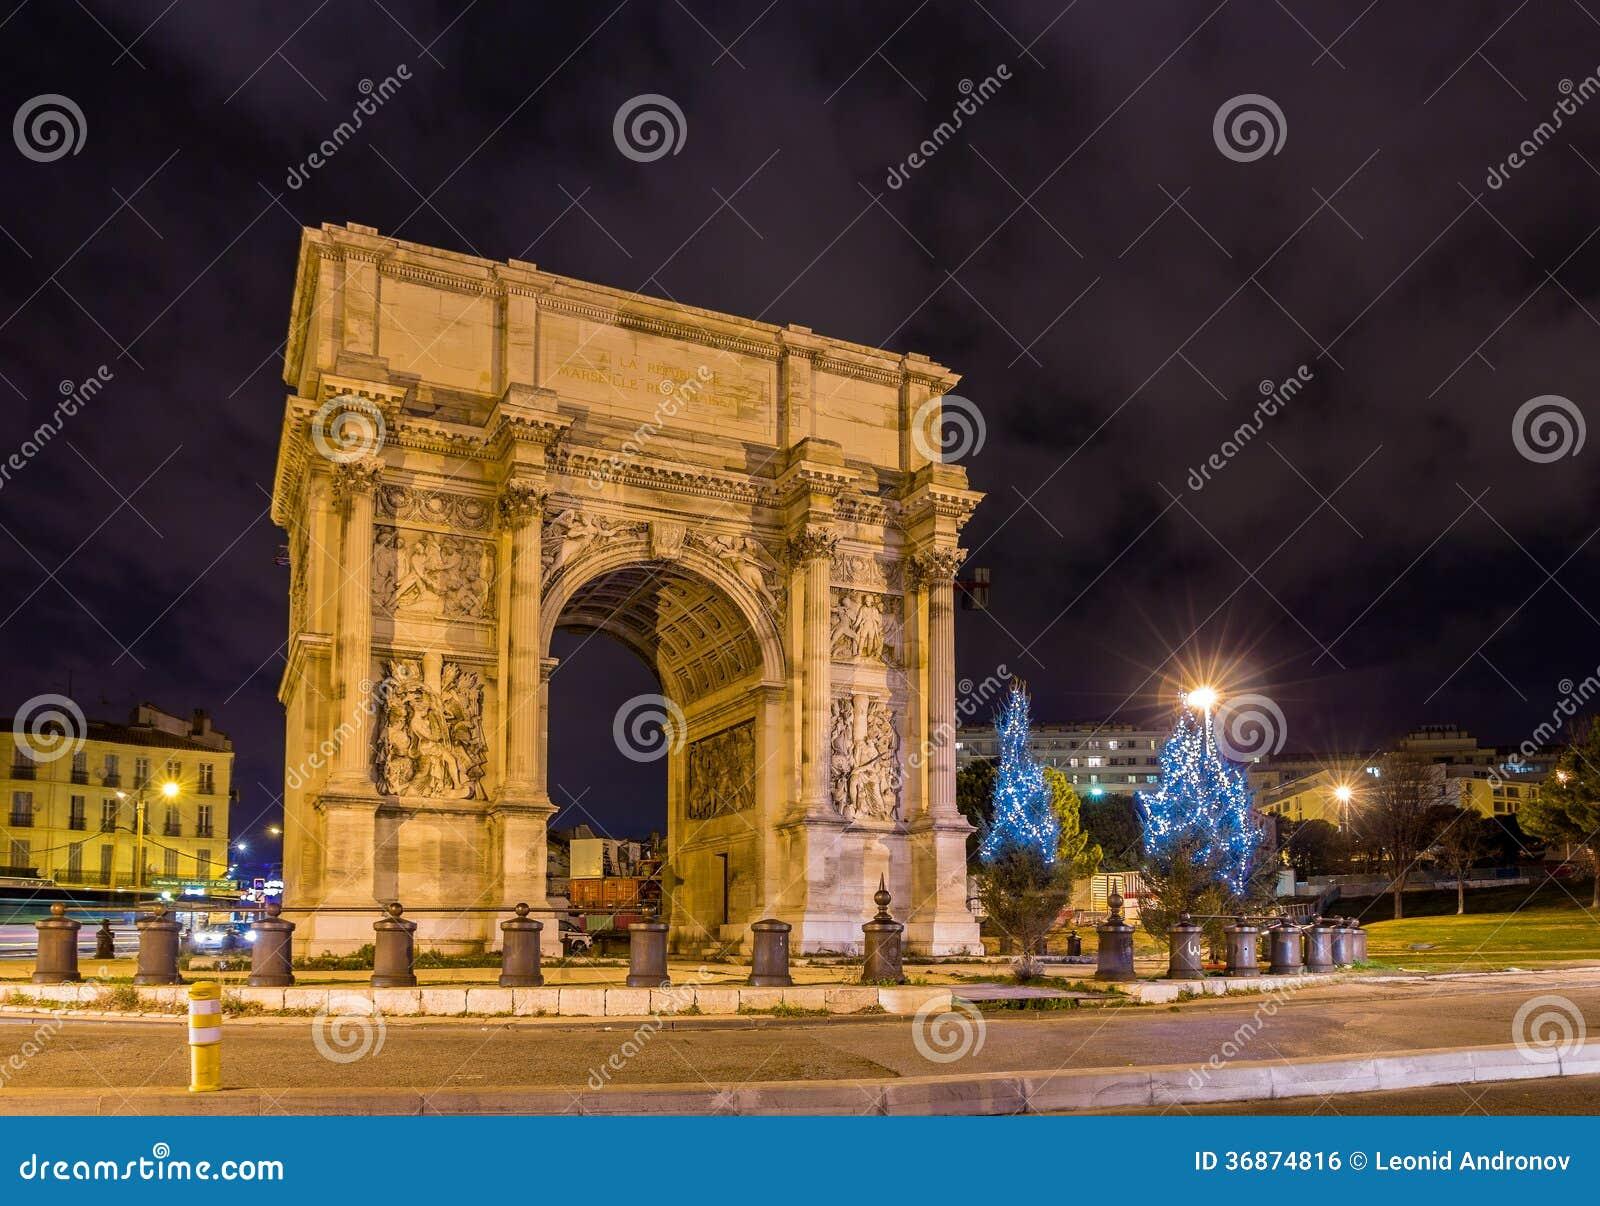 Porte d 39 aix ein triumphbogen in marseille frankreich for Porte 4 marseille